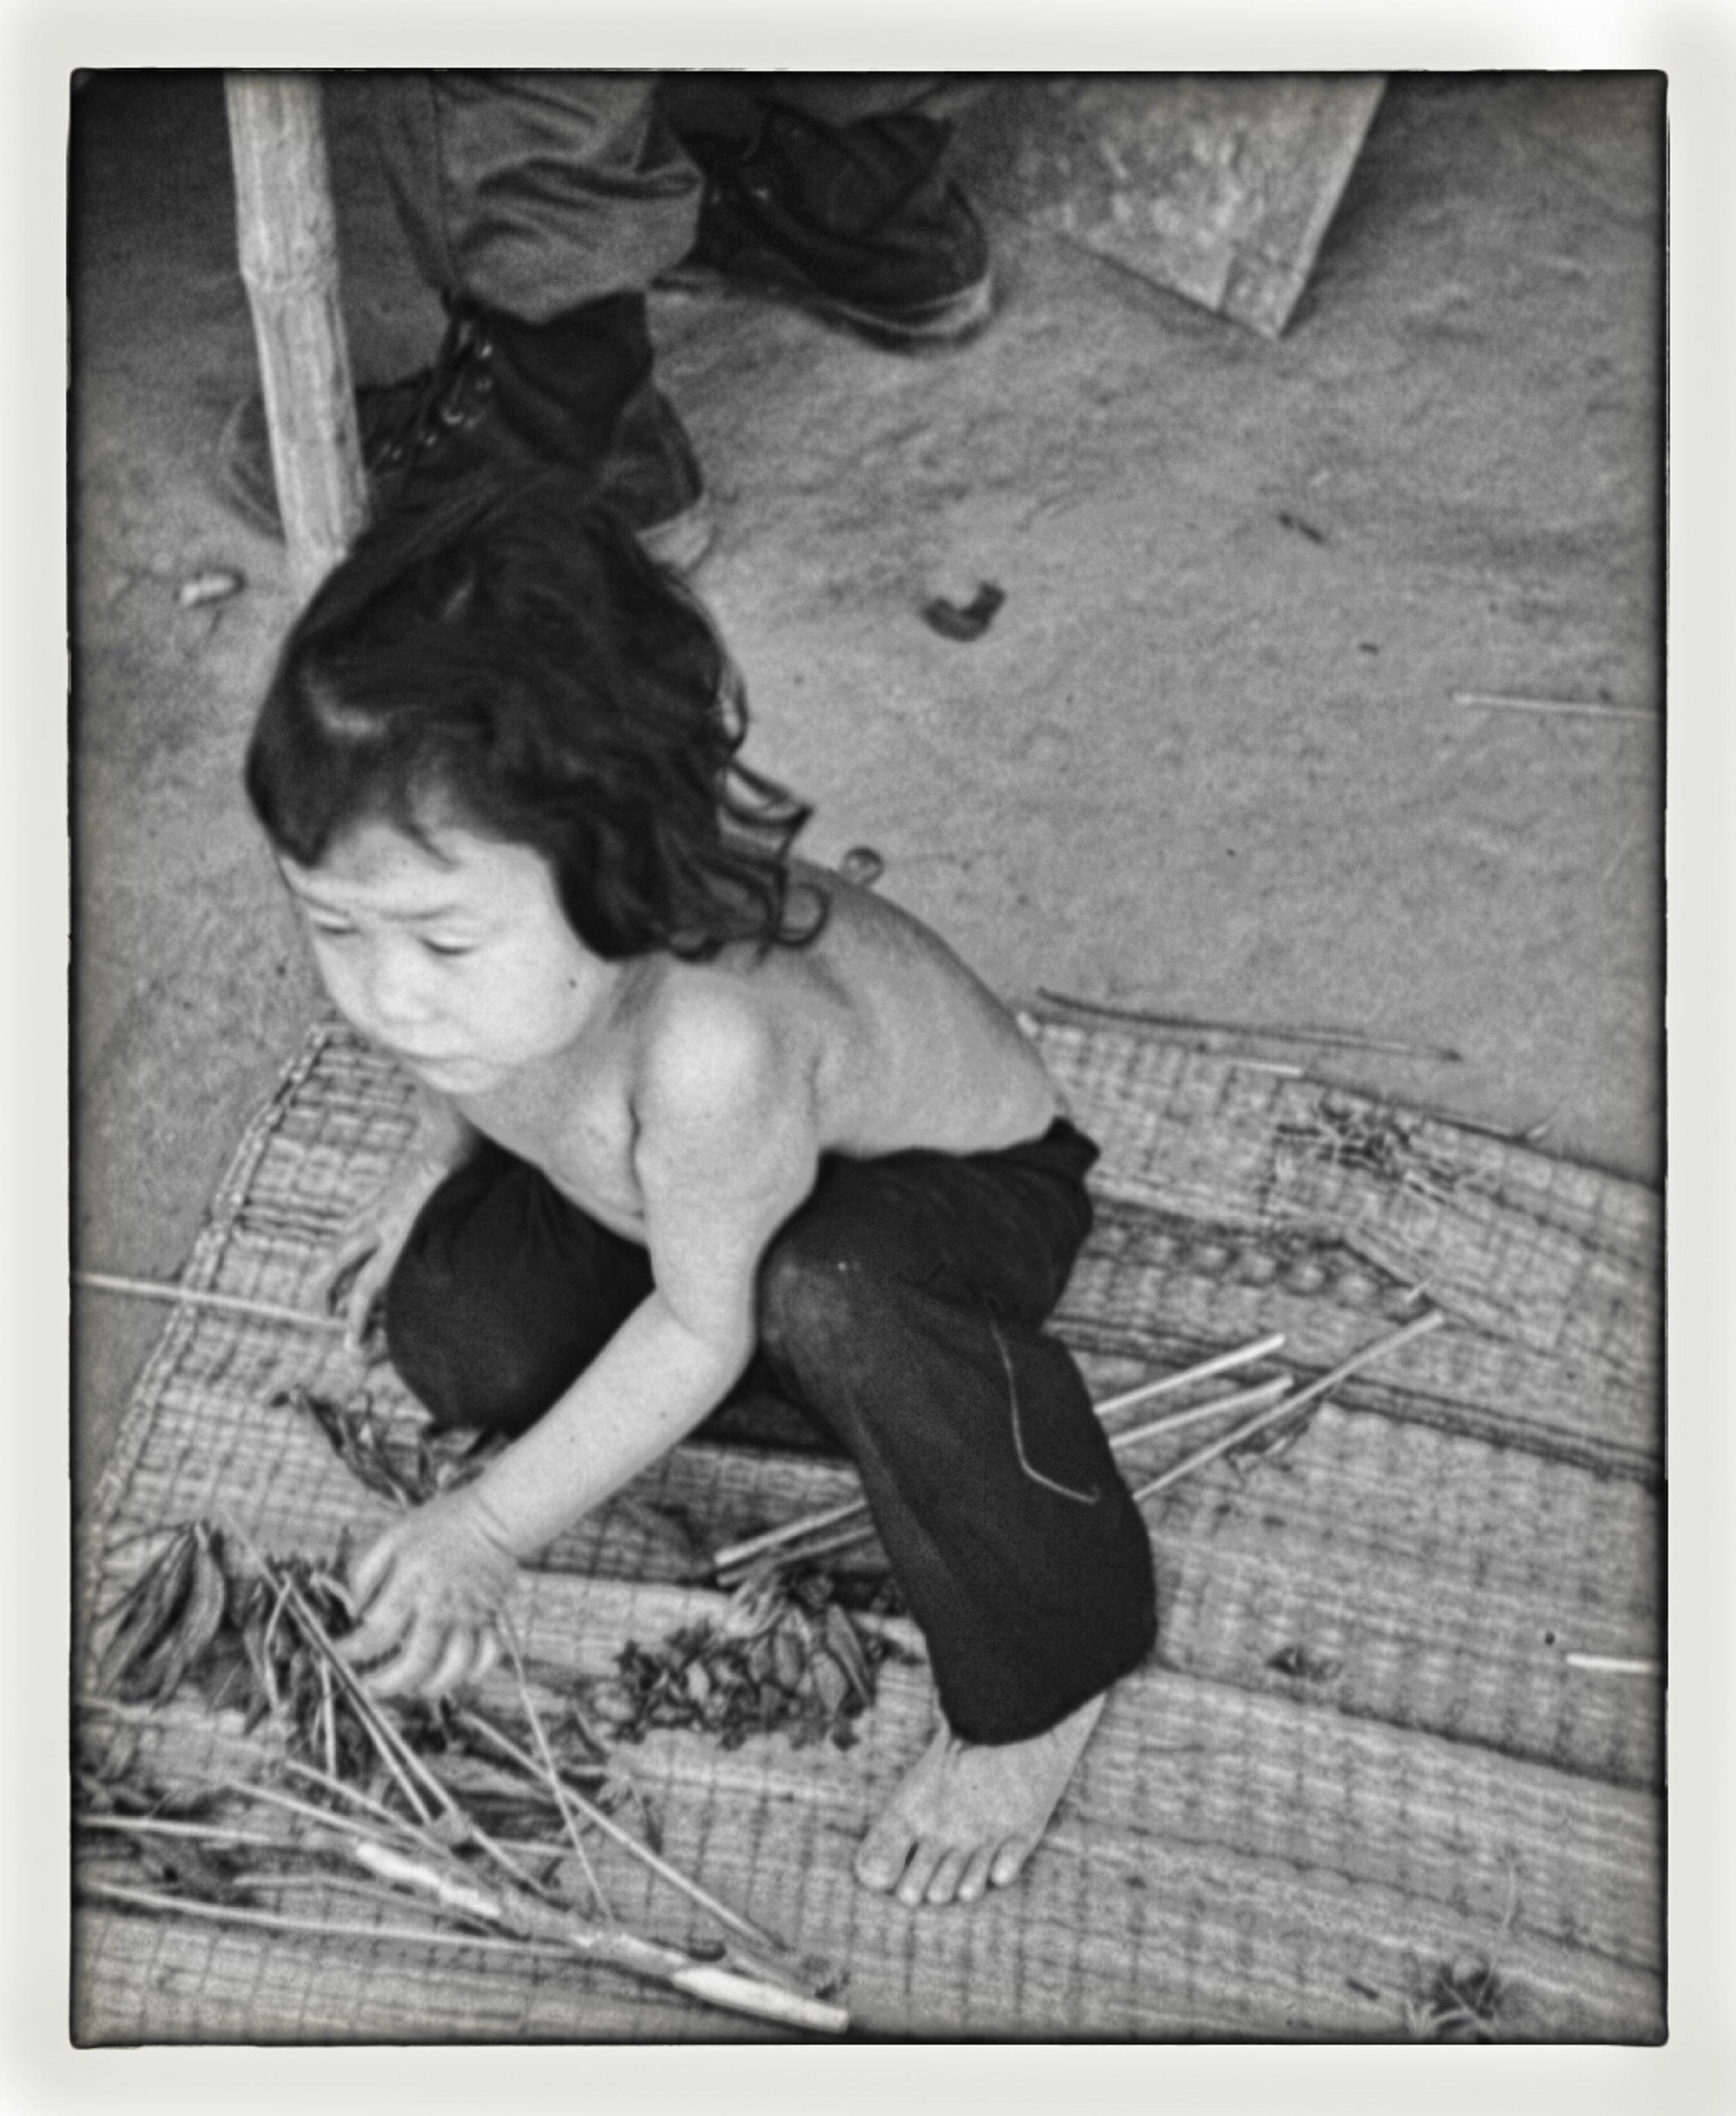 vn14 small girl.jpg